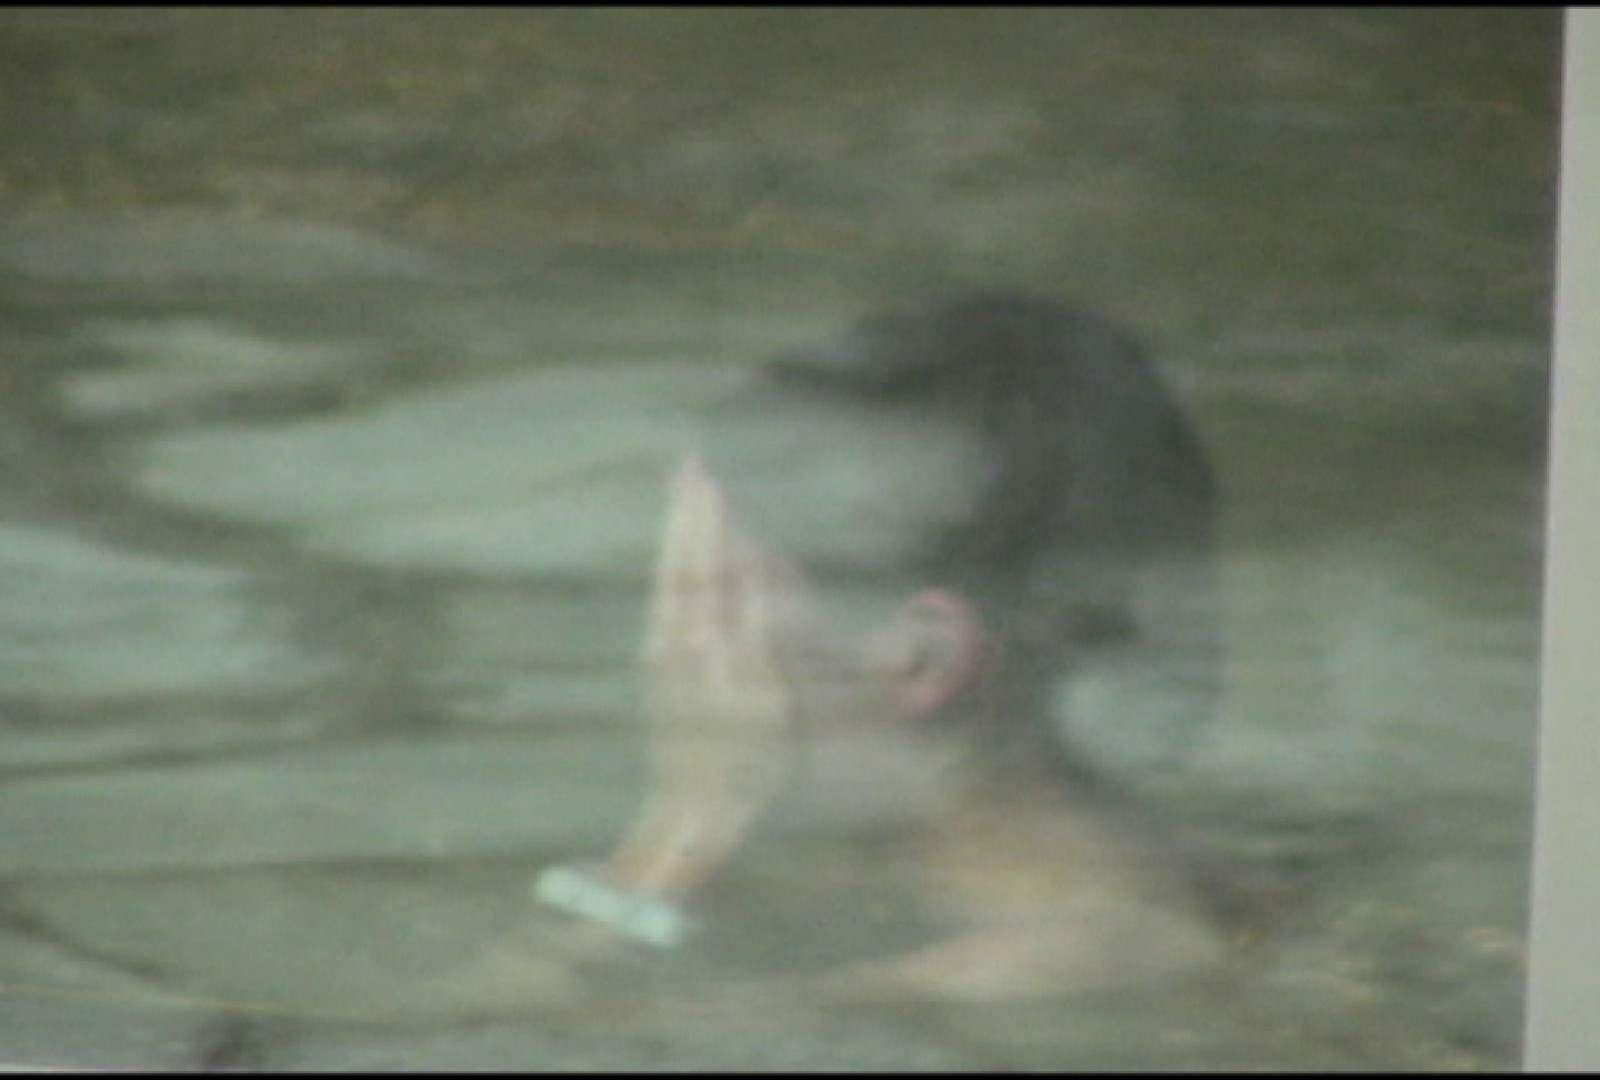 ギャル編 オムニバスVol.1 美肌 オメコ動画キャプチャ 90画像 44